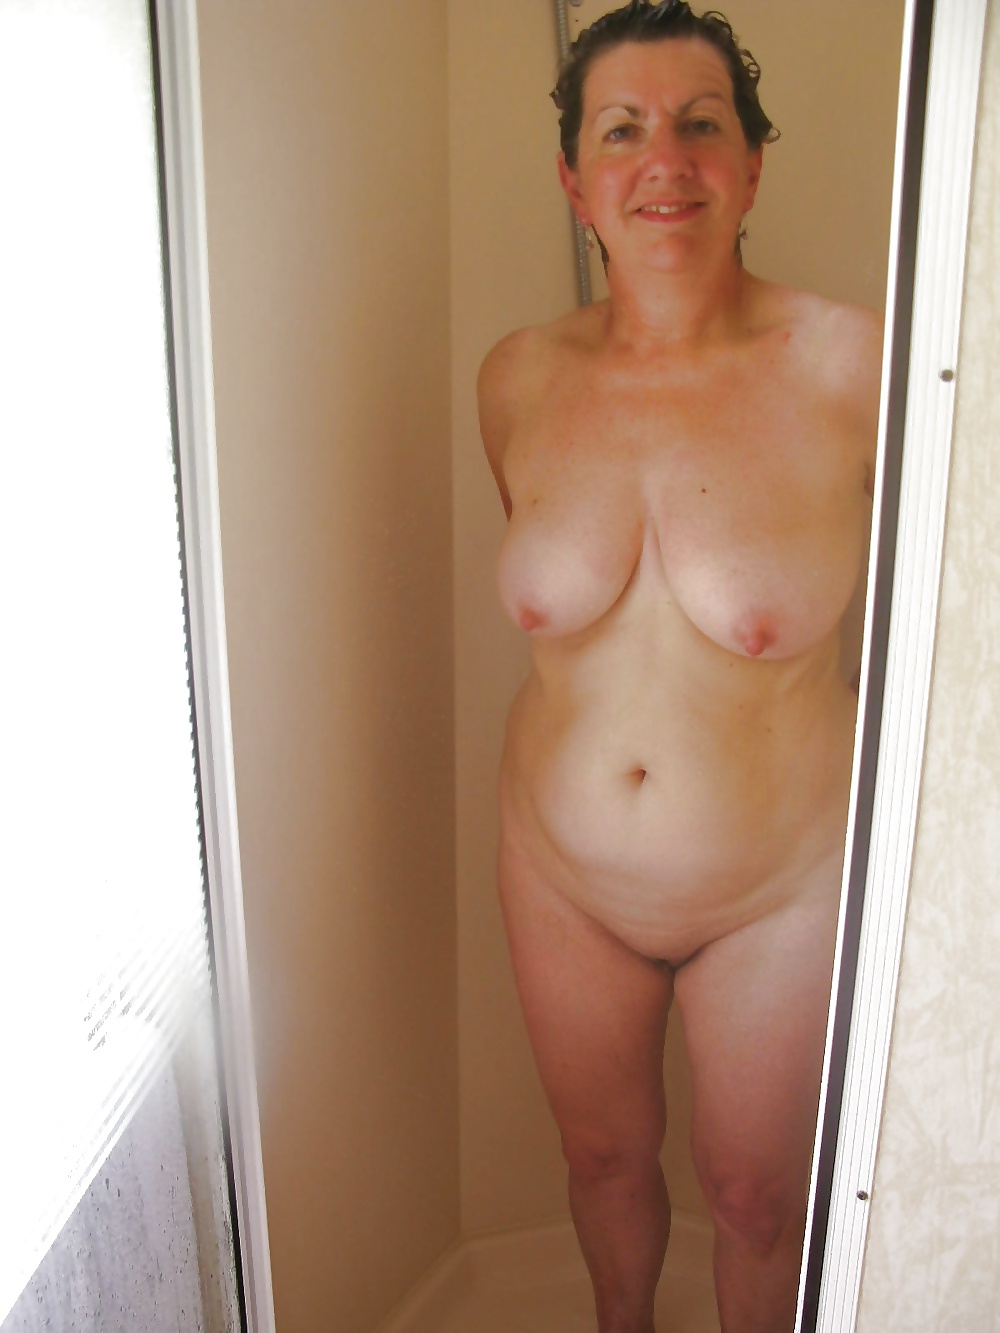 Gratis Matures Sexfotos von Alltagen